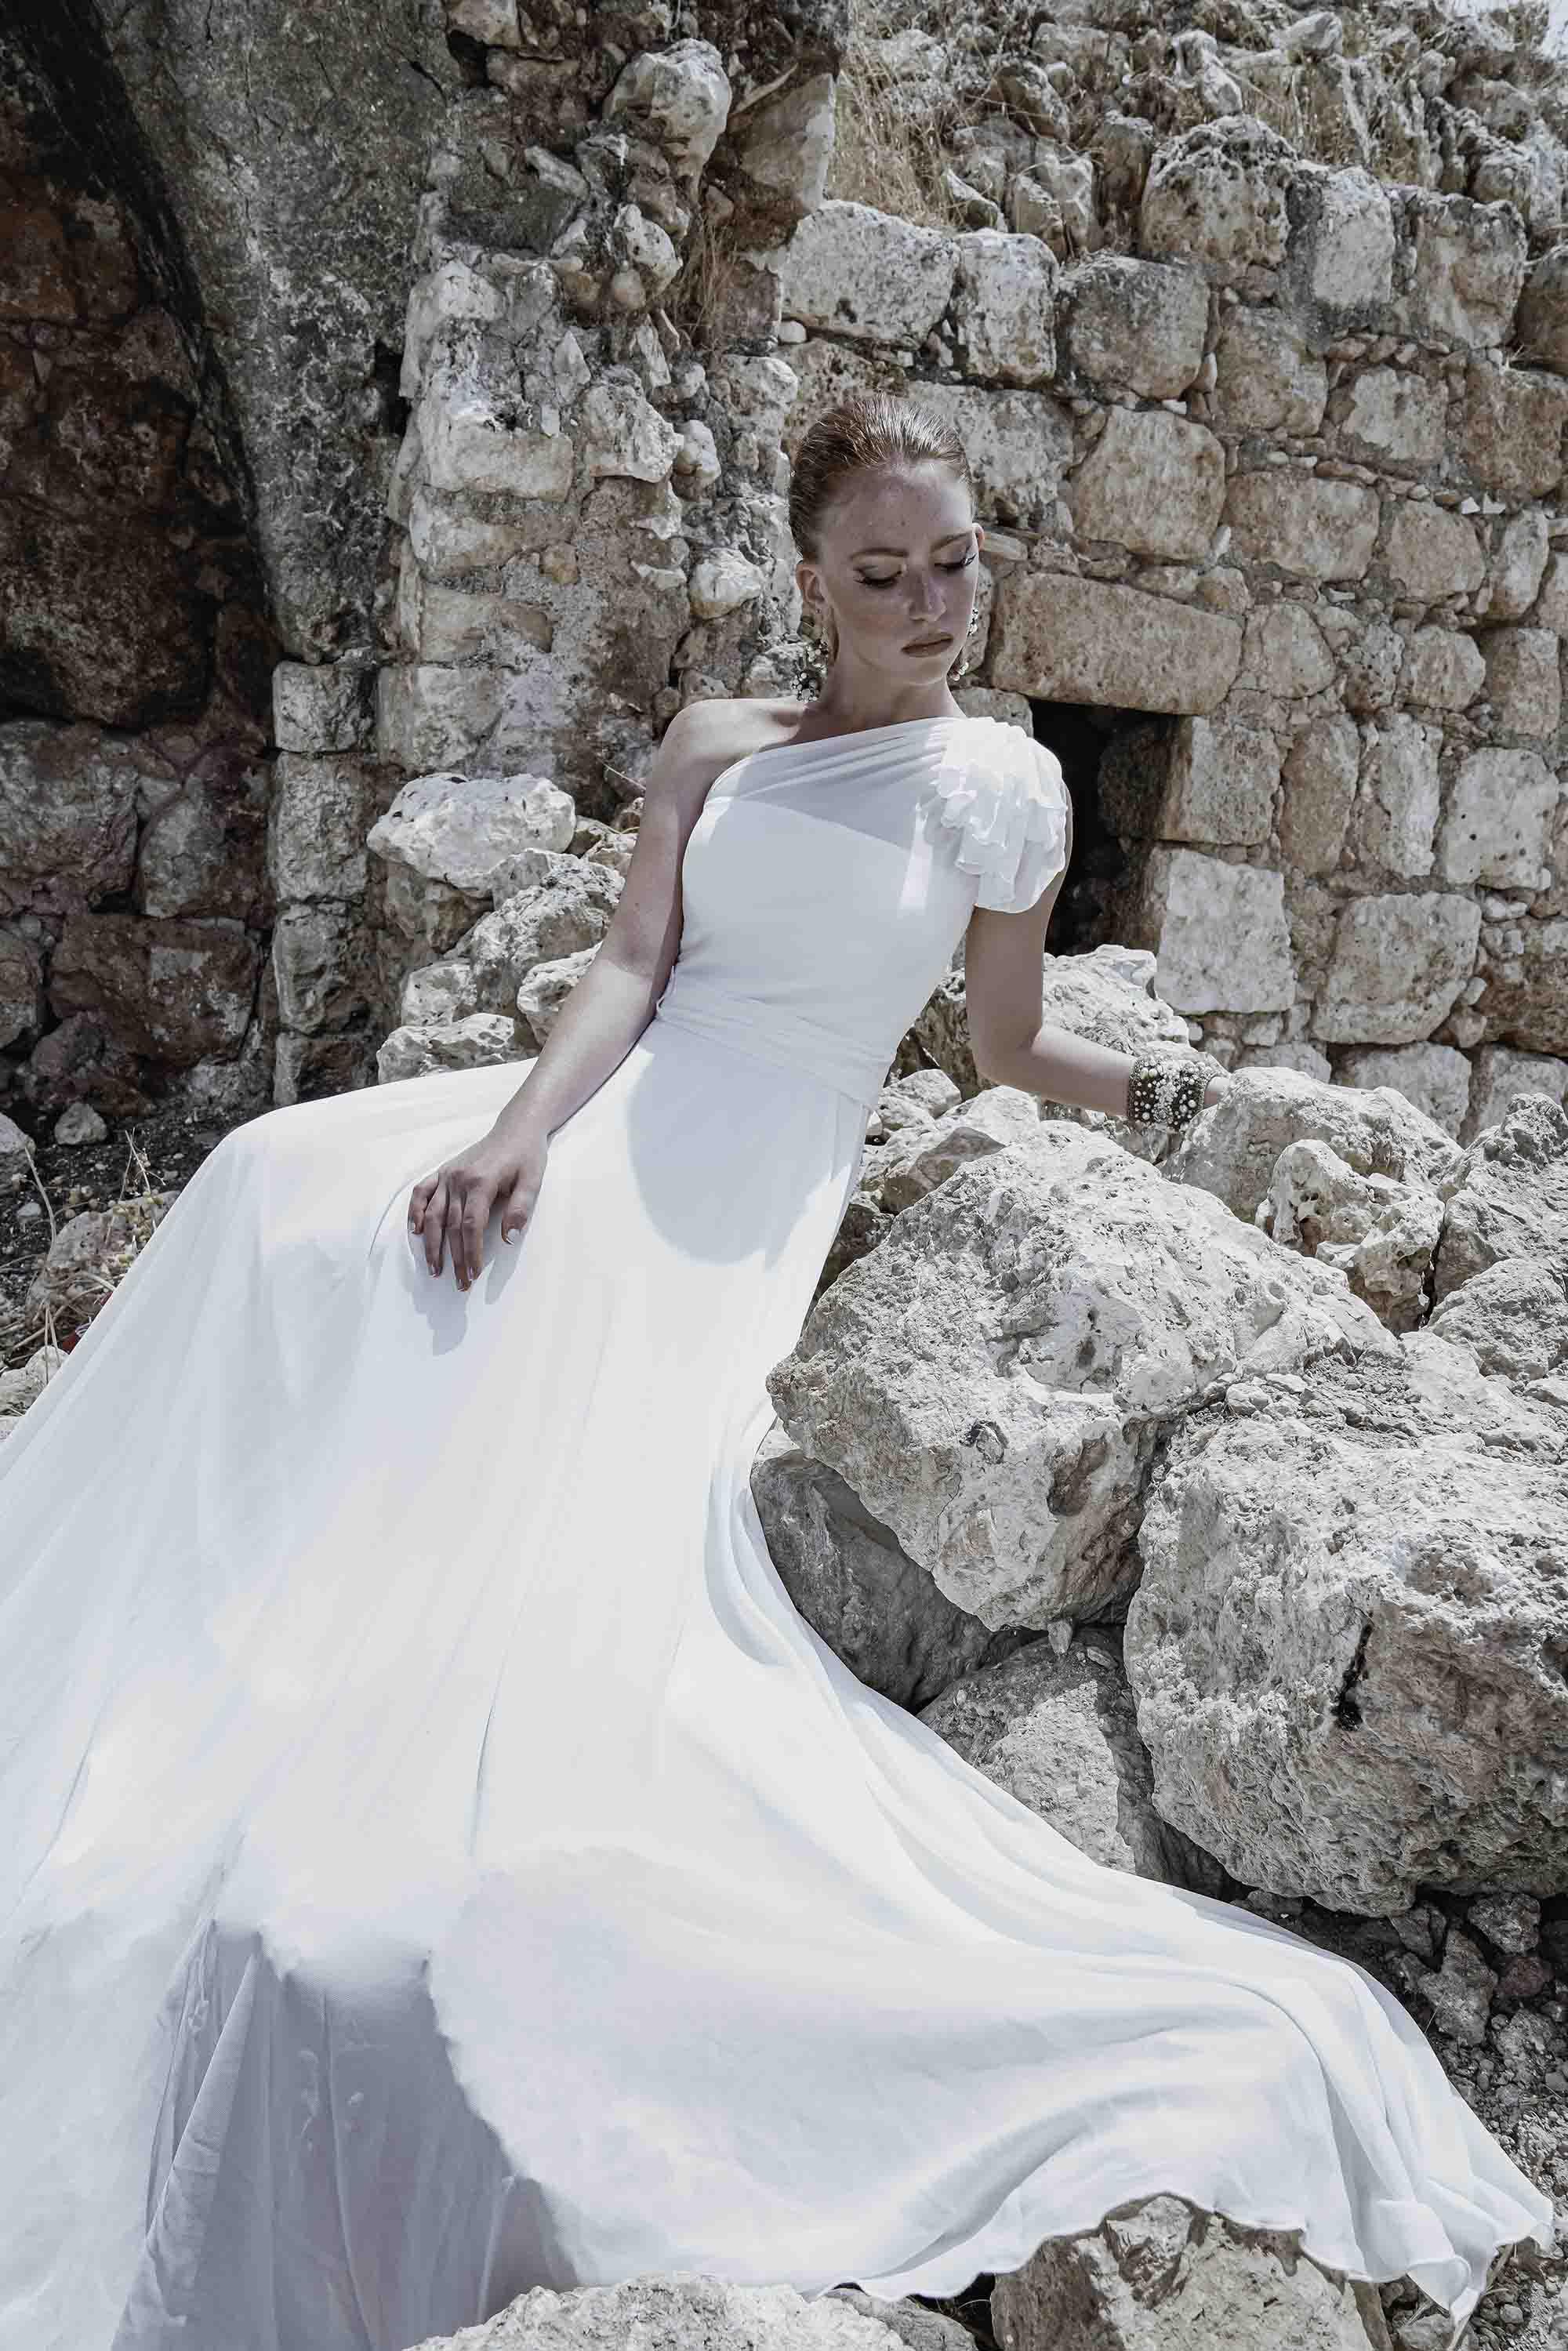 אופנה, איפור, אורנה רימוק, צילום, בן לאון, דוגמנית, אמילי זלצר, מגזין אופנה -18